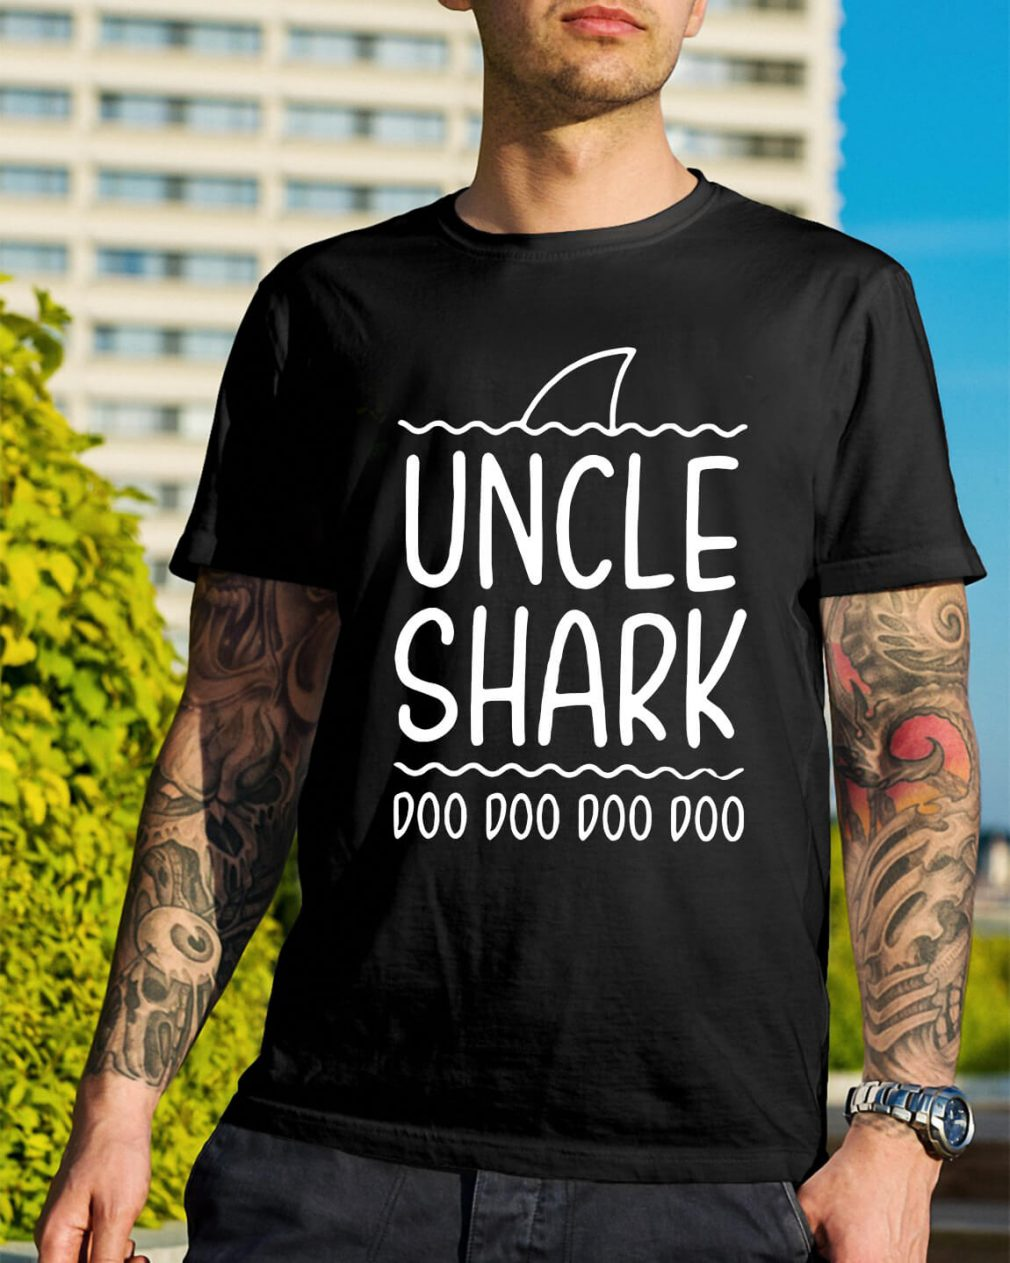 Uncle shark doo doo doo doo shirt